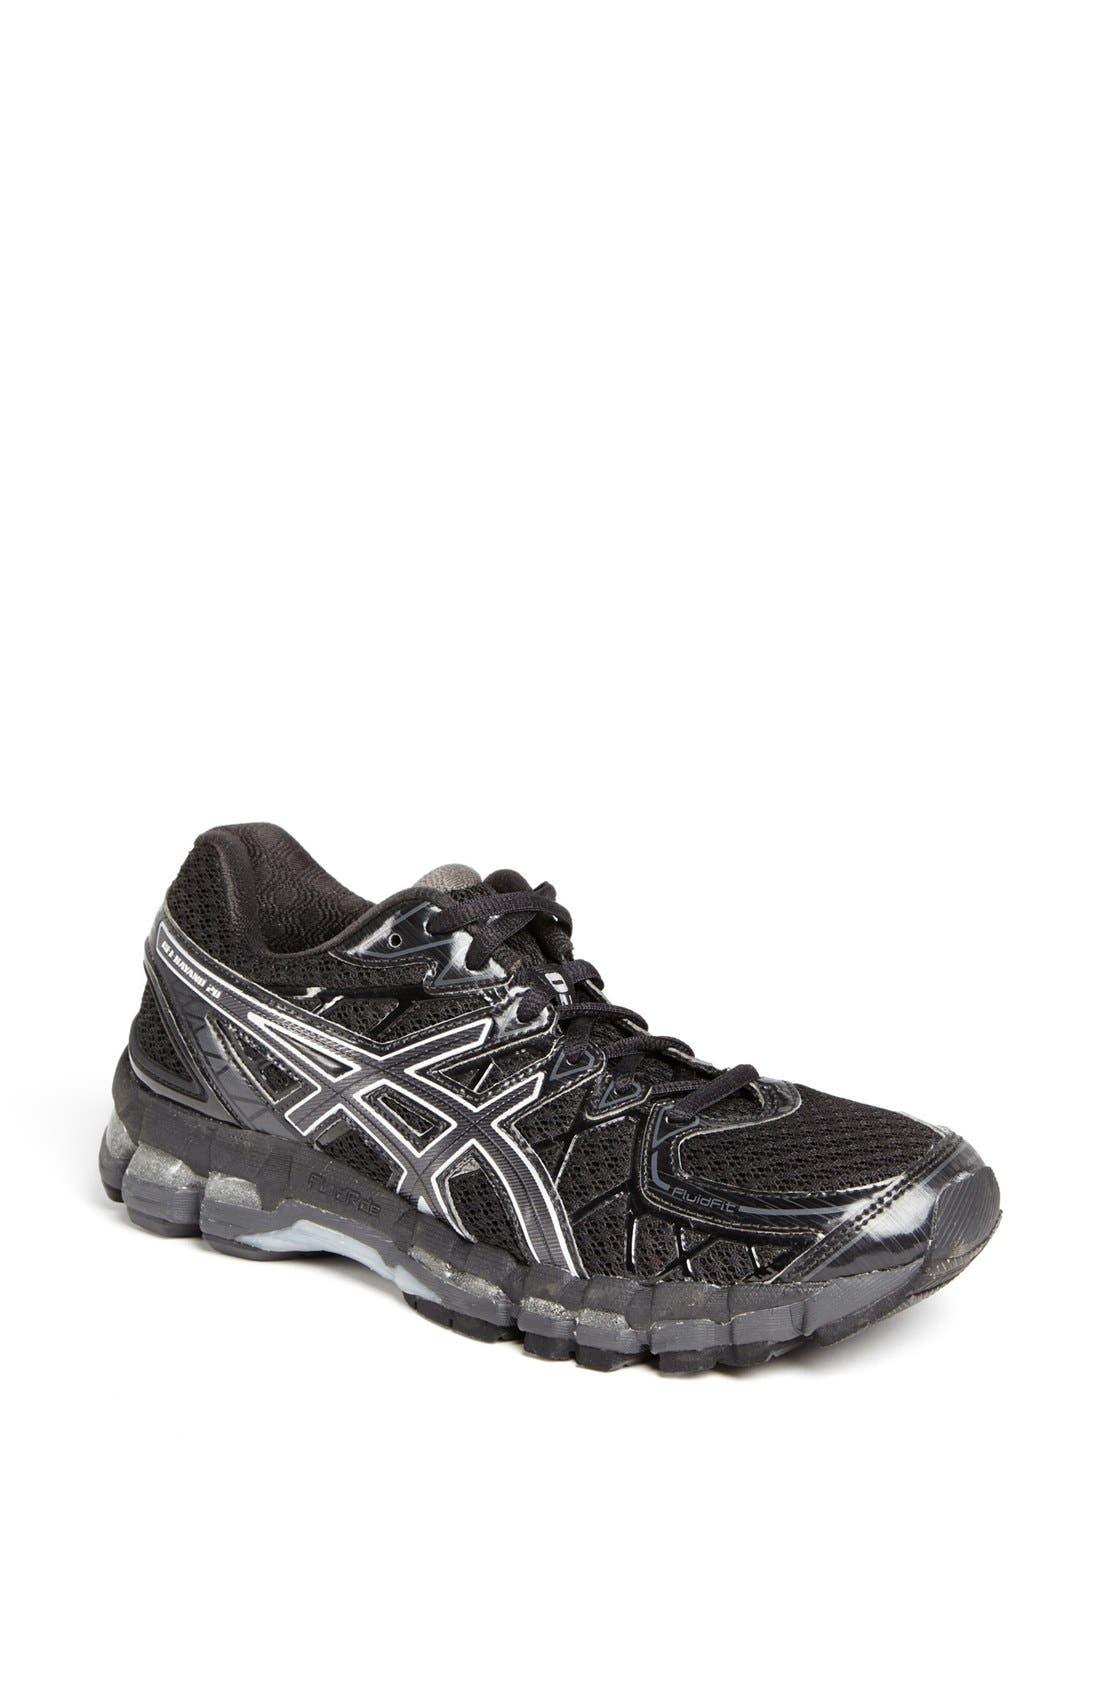 Main Image - ASICS® 'GEL-Kayano® 20' Running Shoe (Women)